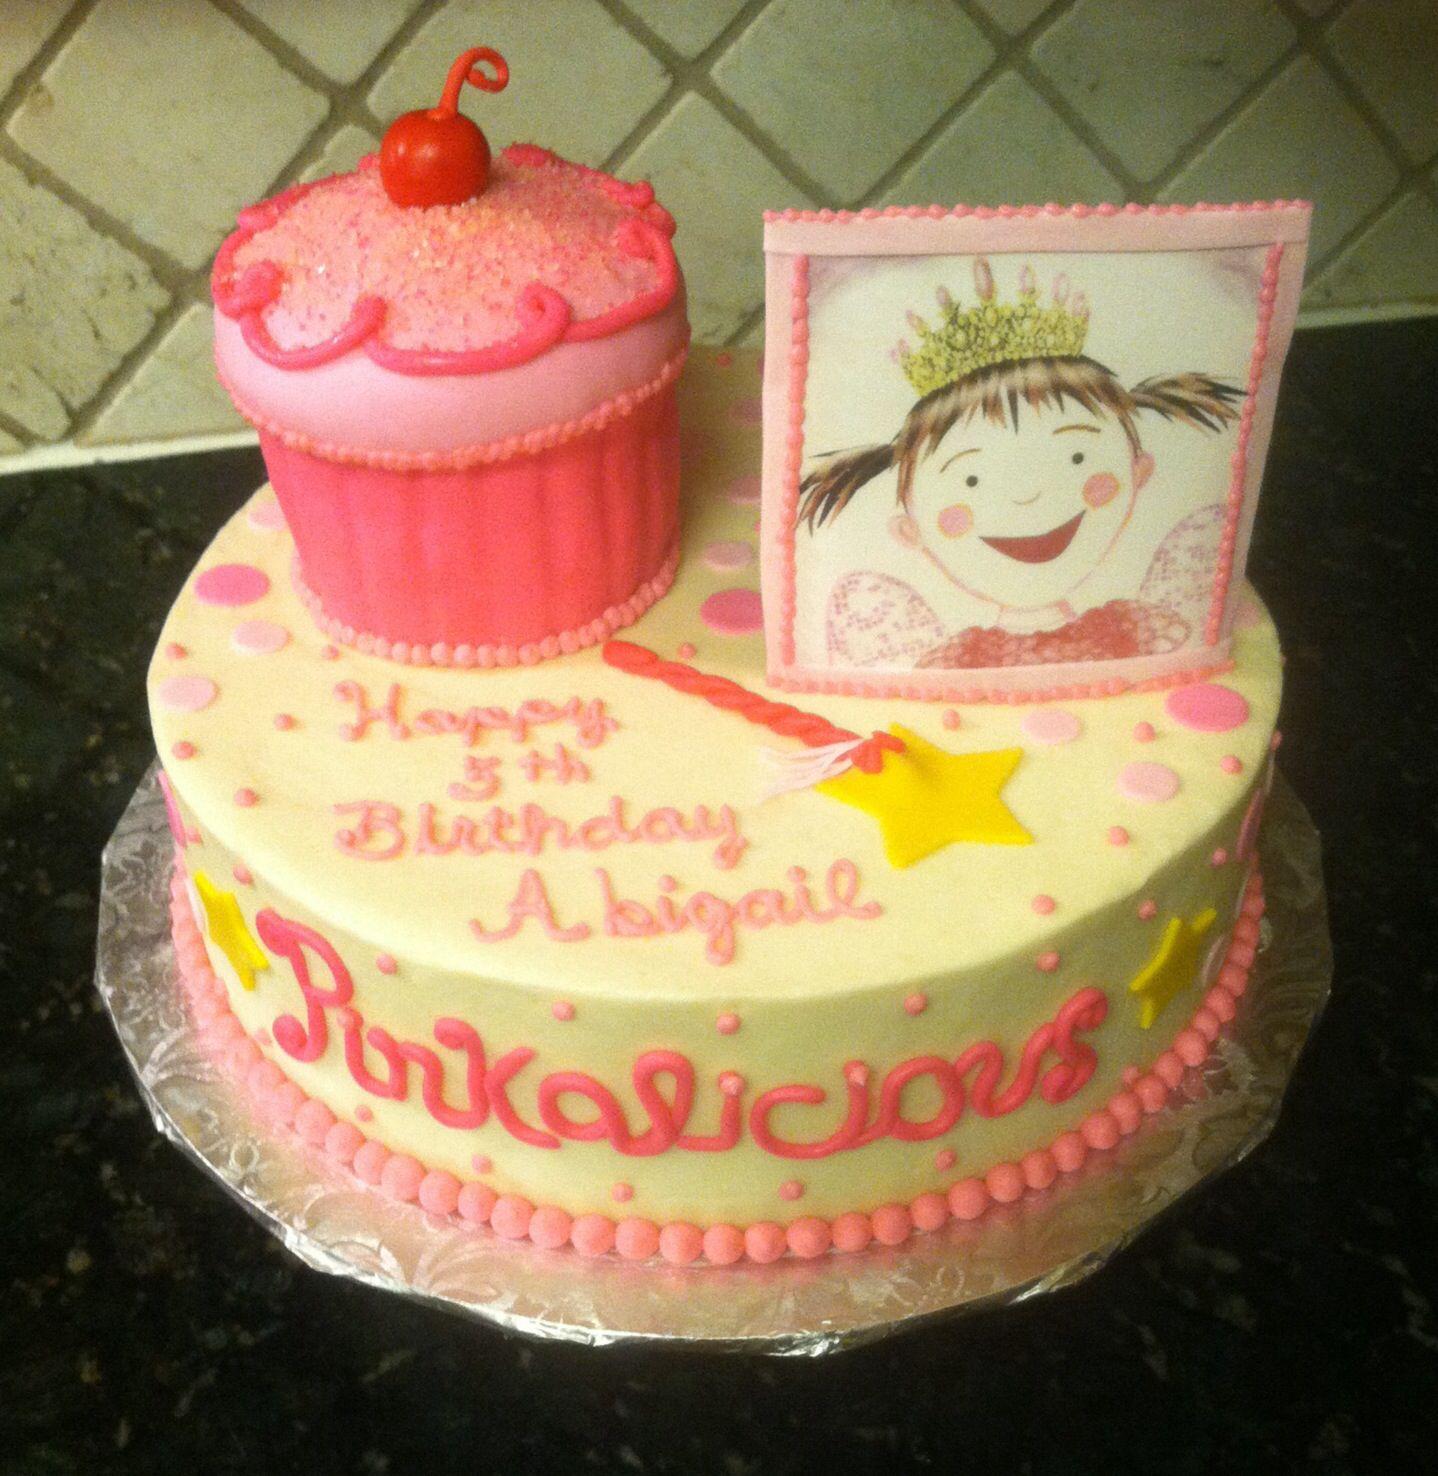 Pinkalicious Cake Images : Pinkalicious cake birthday Pinterest